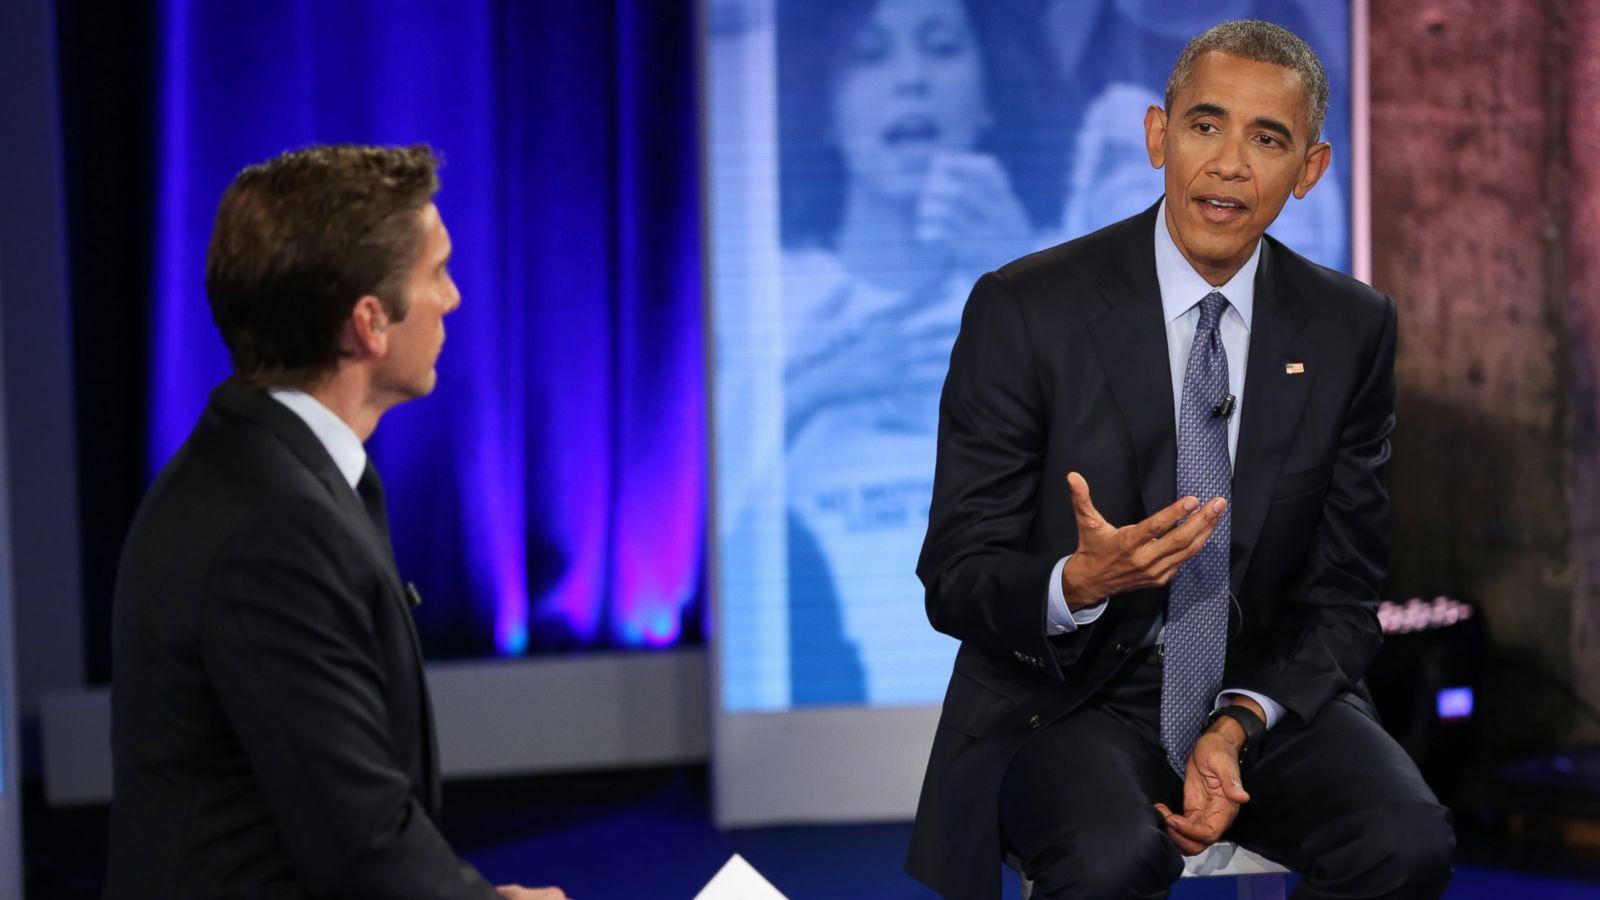 Obama Recalls When He Faced Racial Prejudice as a Kid